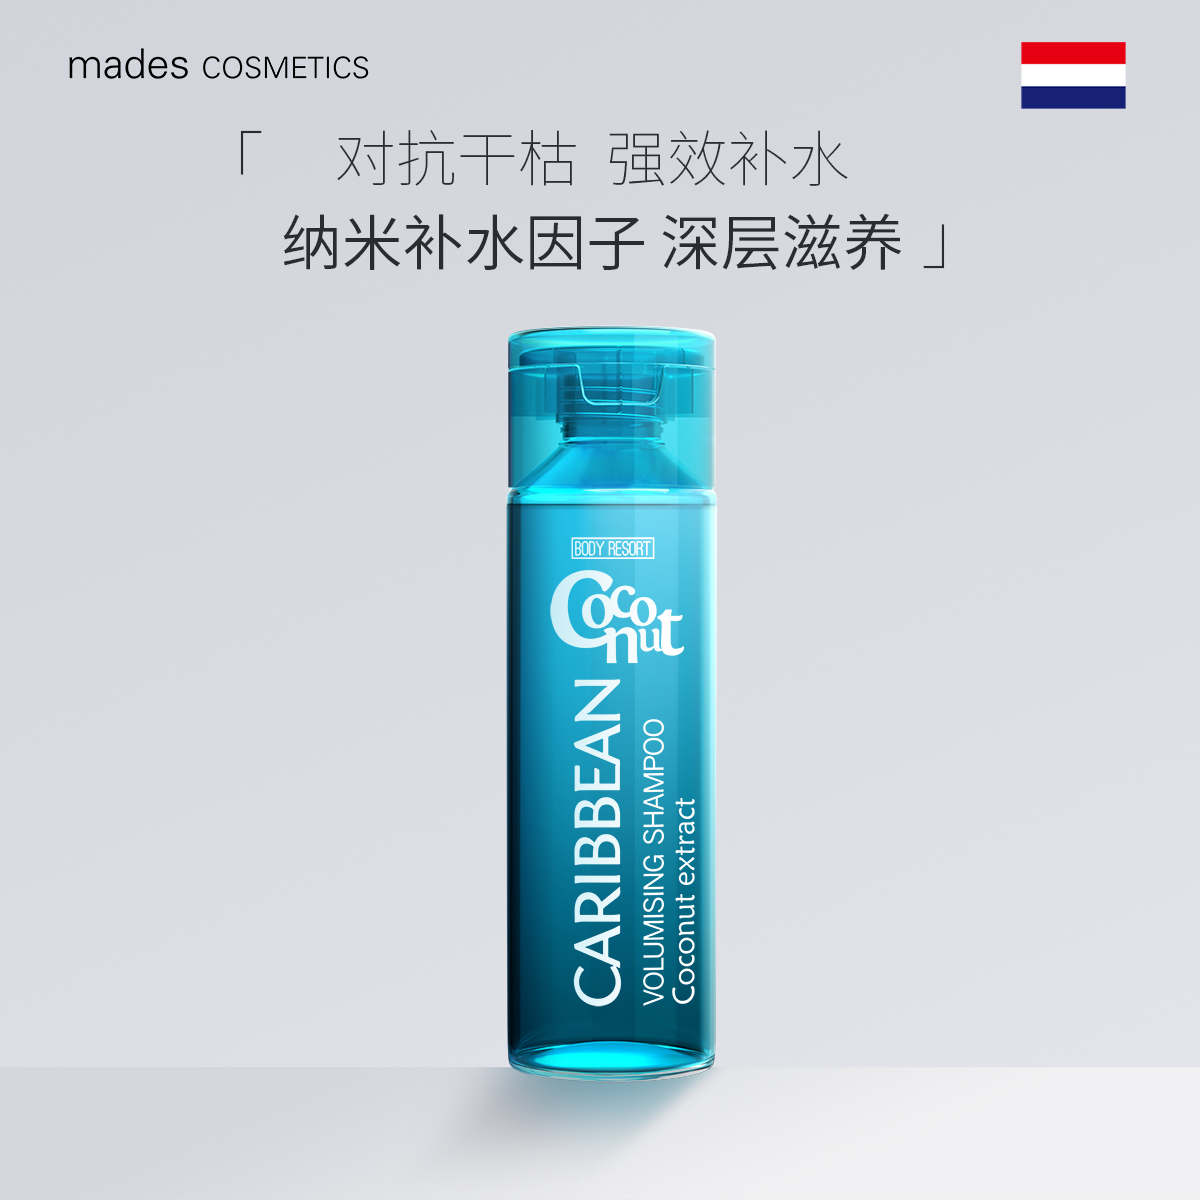 Mades玫德丝椰子无硅油去屑止痒洗发水正品官方品牌持久留香柔顺